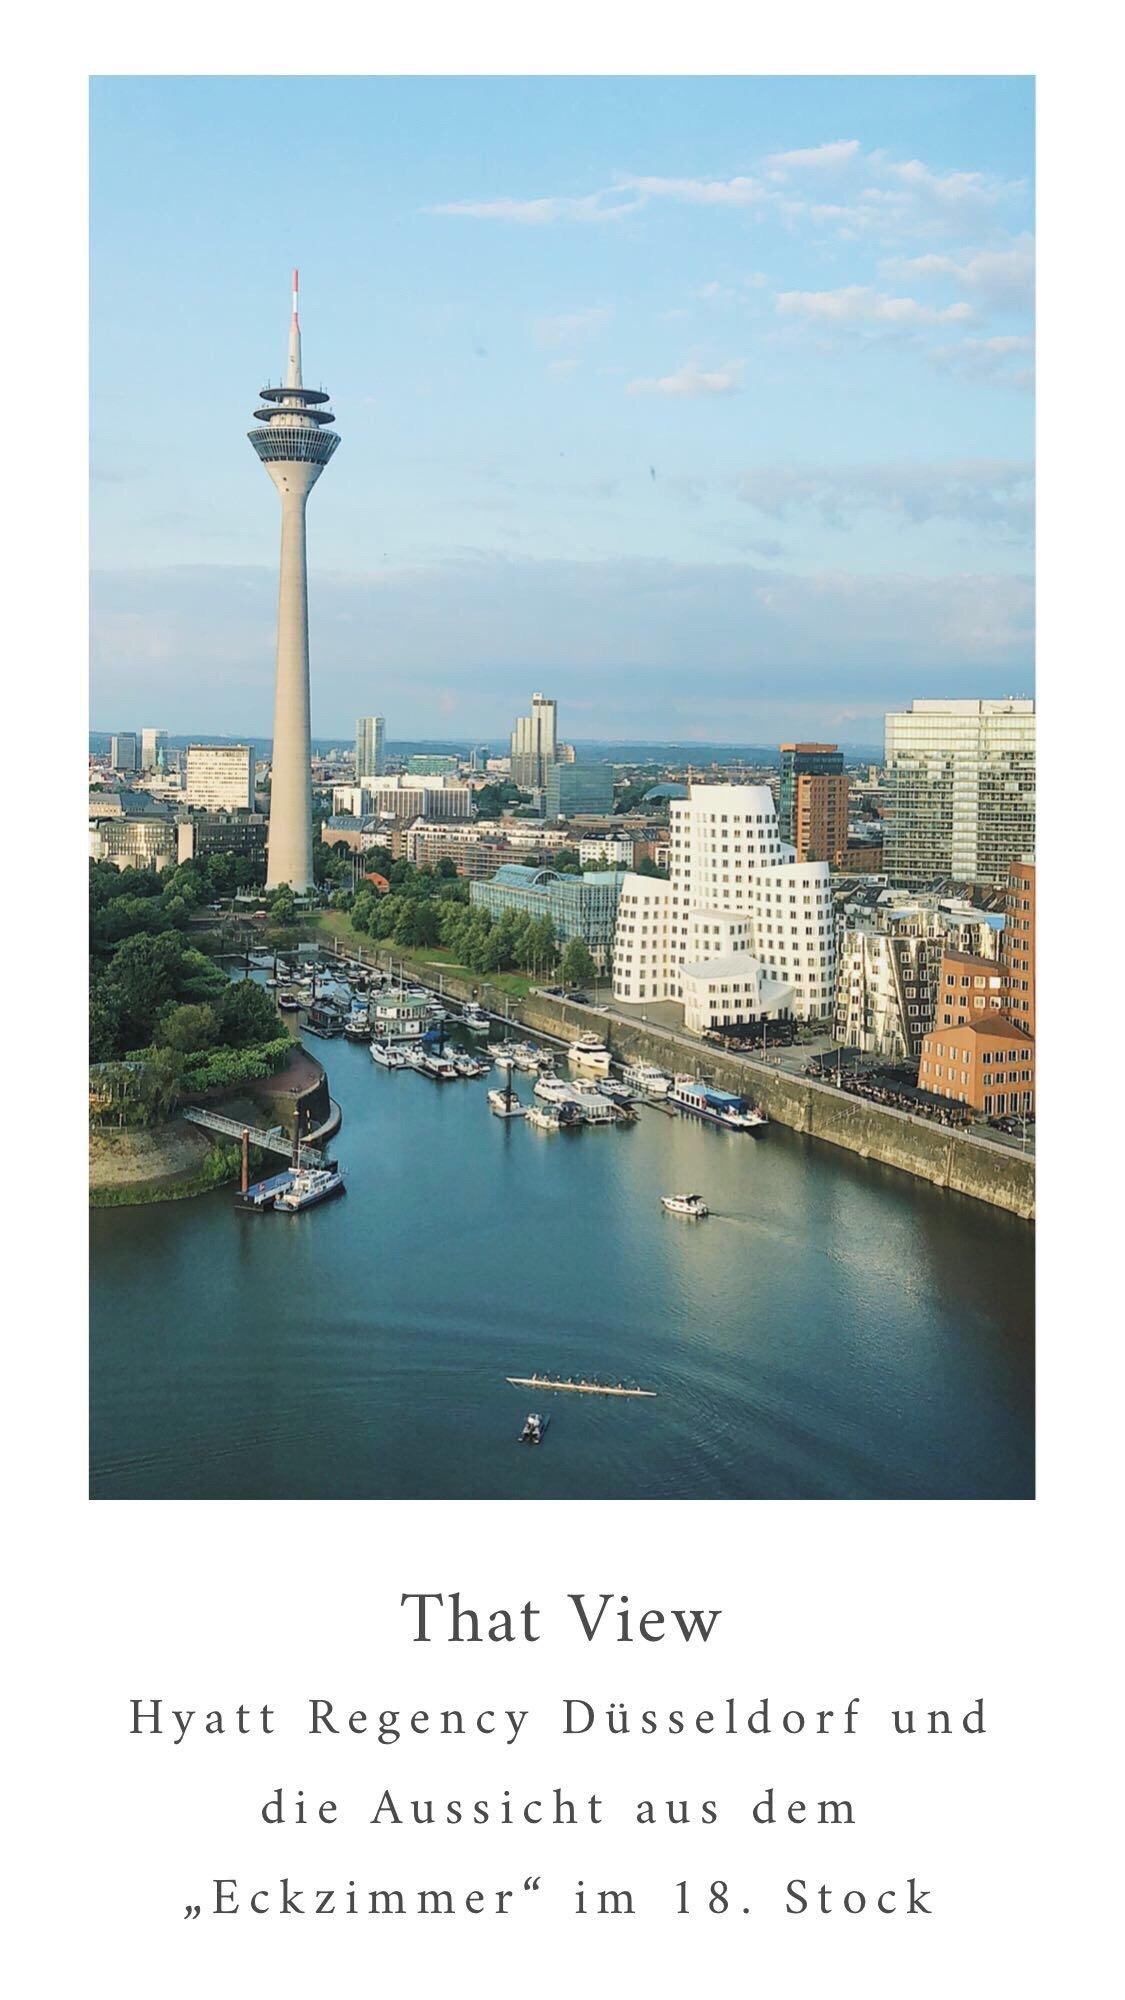 Aussicht aus dem Eckzimmer im 18 Stock des Hyatt Regency Düsseldorf - Nowshine ü40 Reiseblog